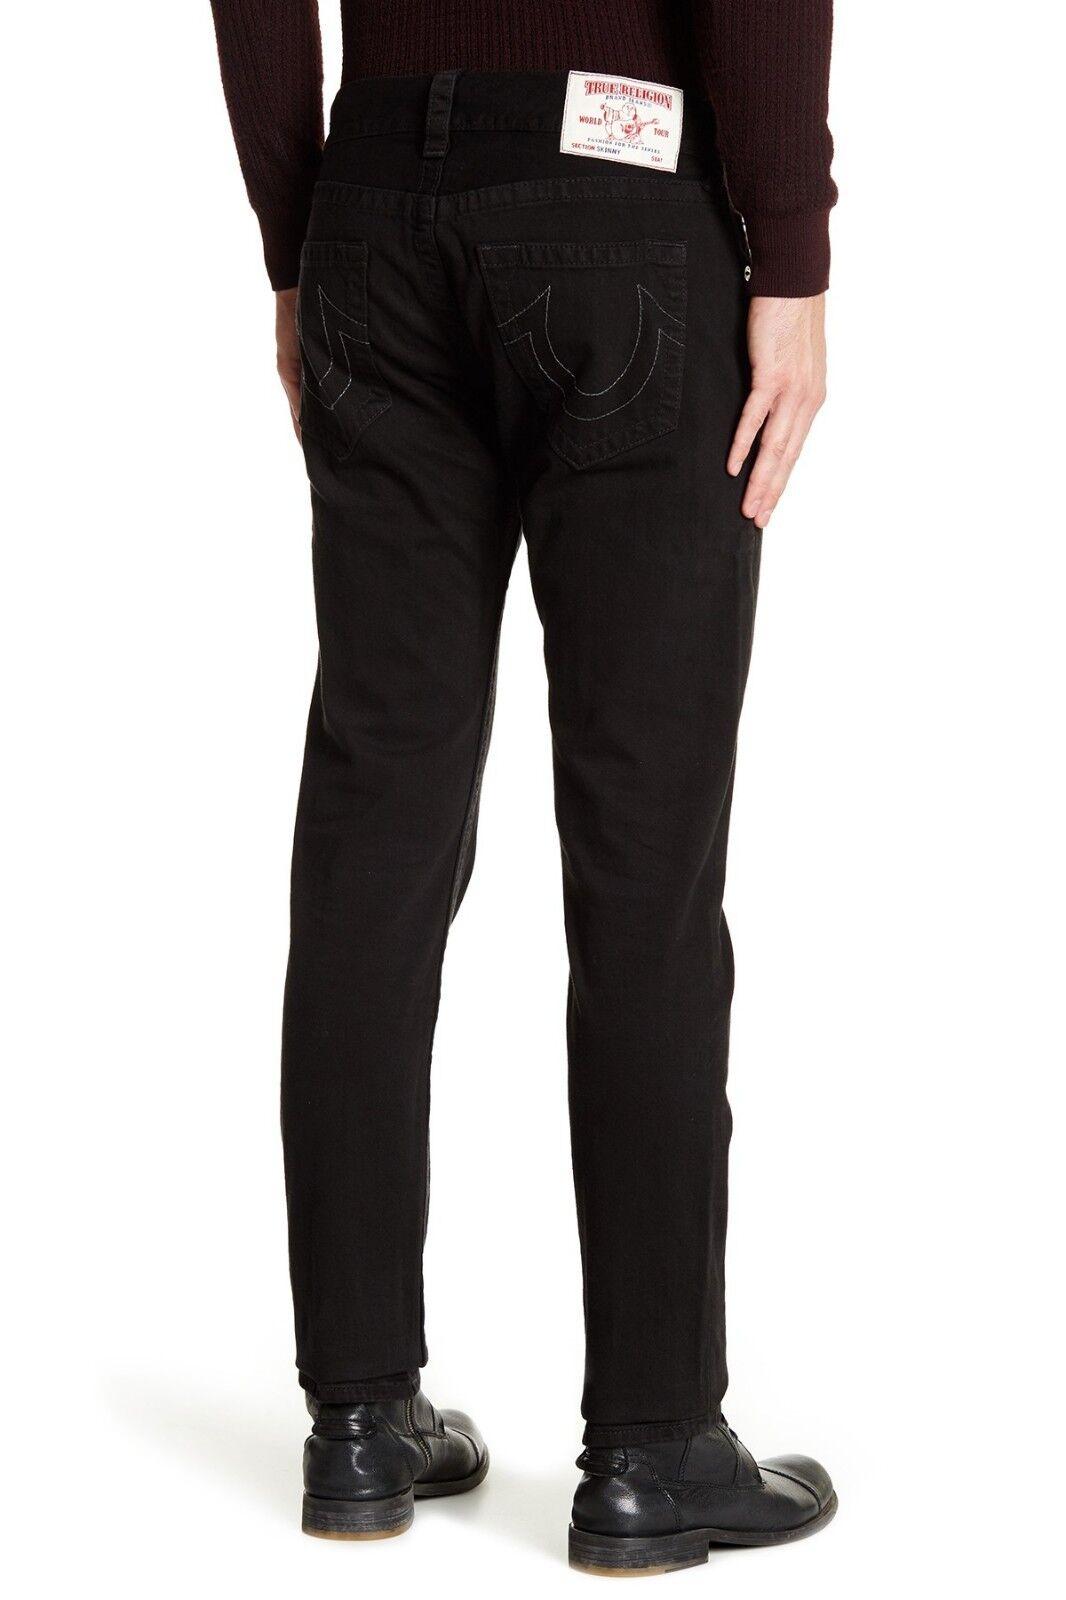 True Religion Men S Basic Skinny No Flaps Jeans In Jet Black Wash Mozj60bj9 Ebay